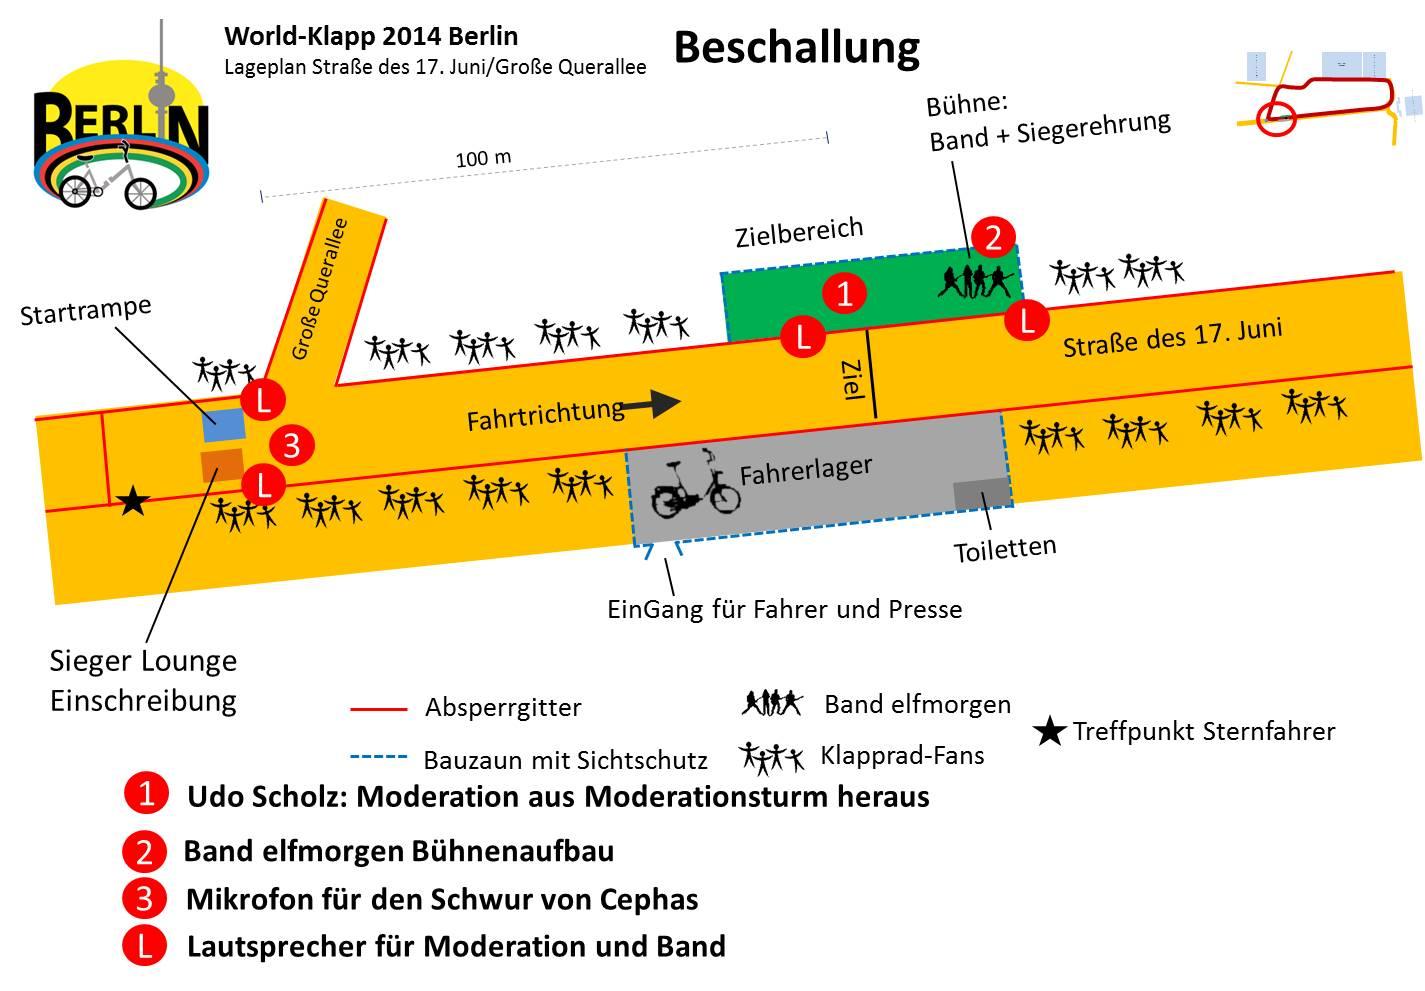 World-Klapp 2014 Lageplan Beschallung